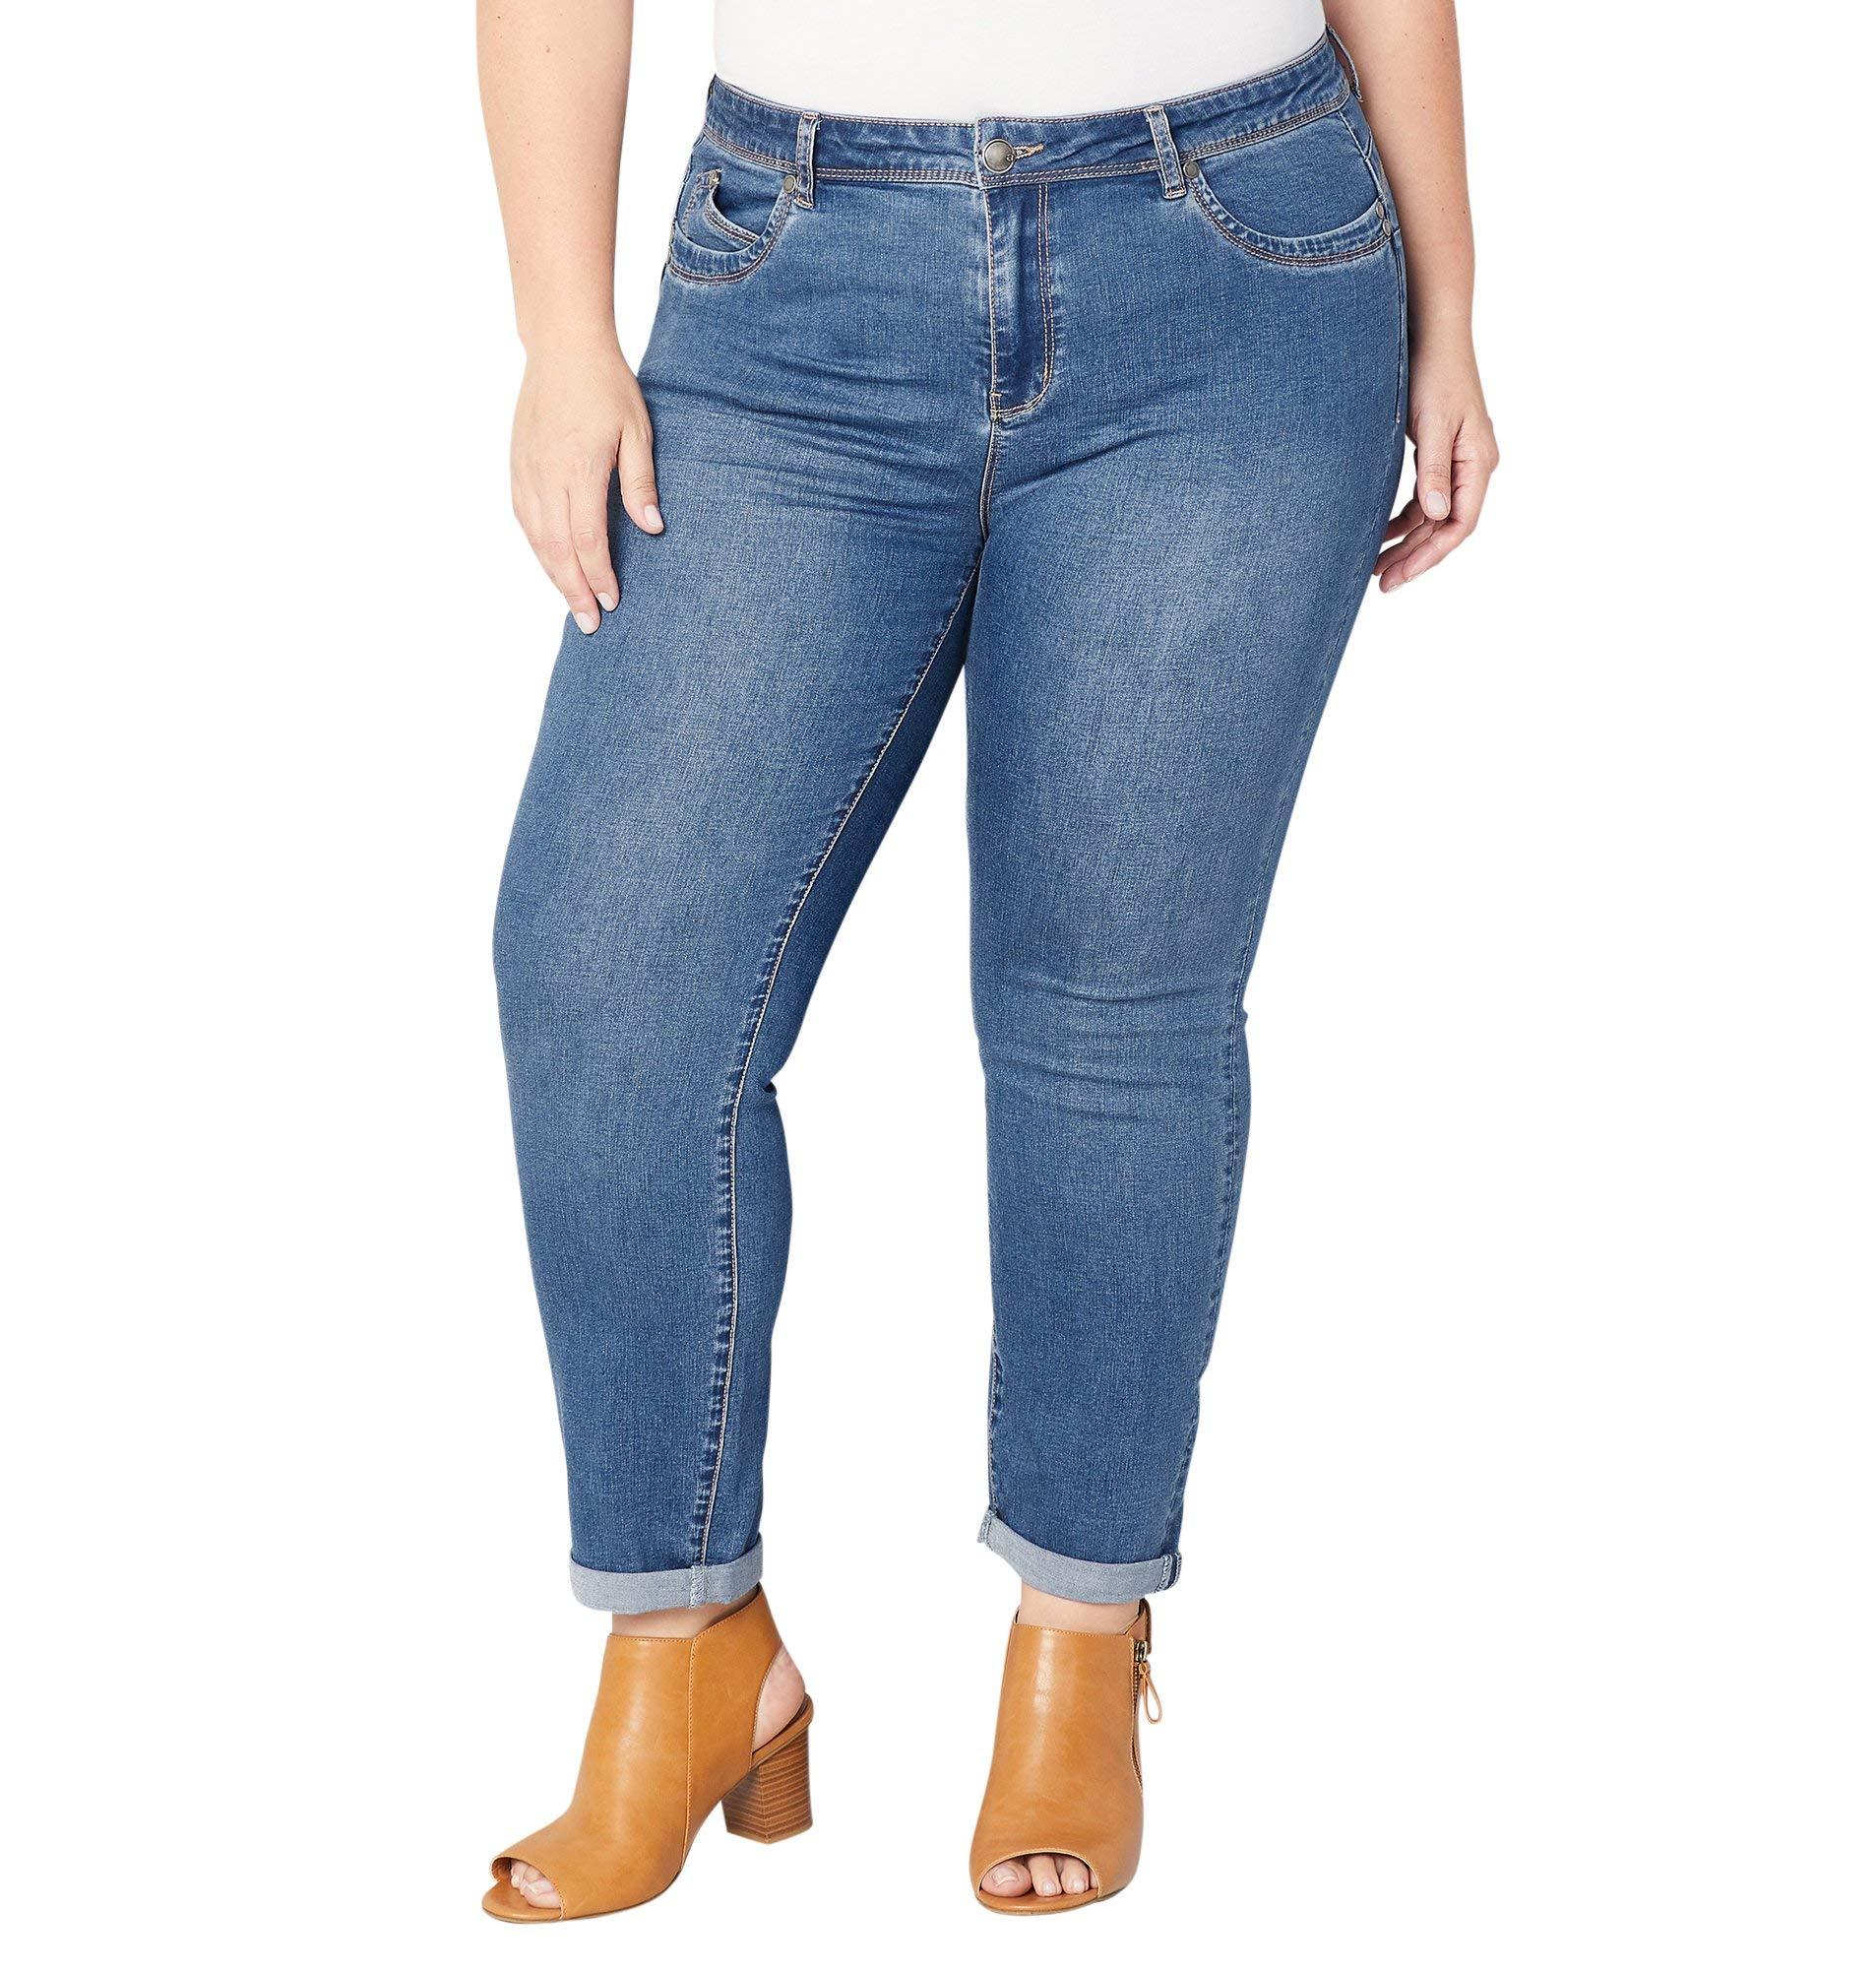 Avenue Women's Mini Roll Wanna Betta Butt Skinny Jean in Medium Wash, 20 Medium Wash